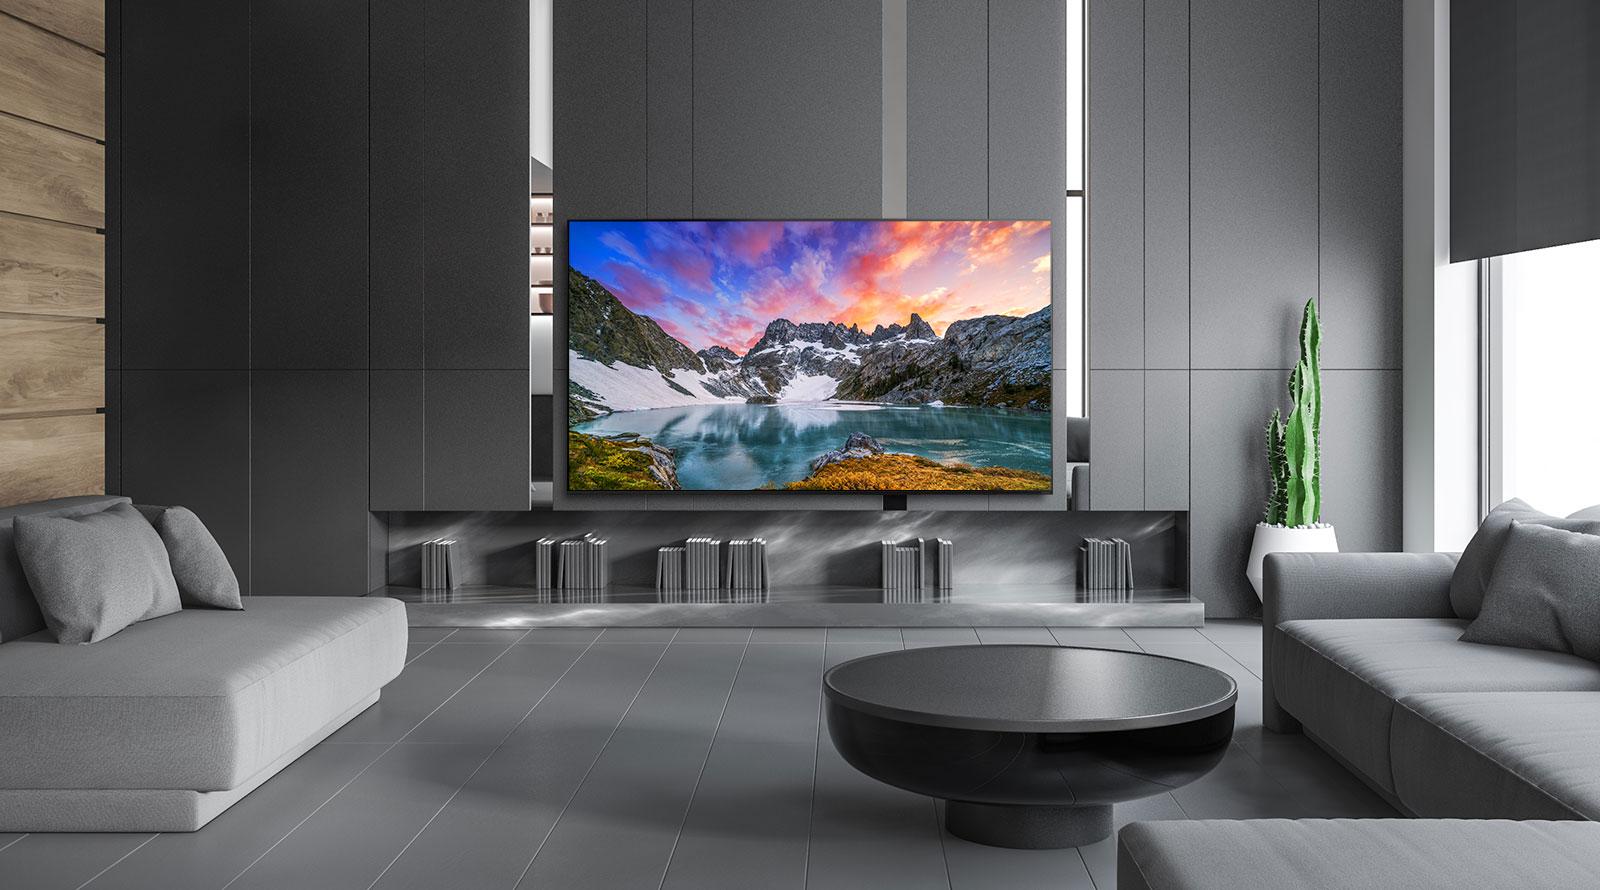 Egy luxusminőségű ház, ahol a TV-ben egy légi felvétel látható a természetről